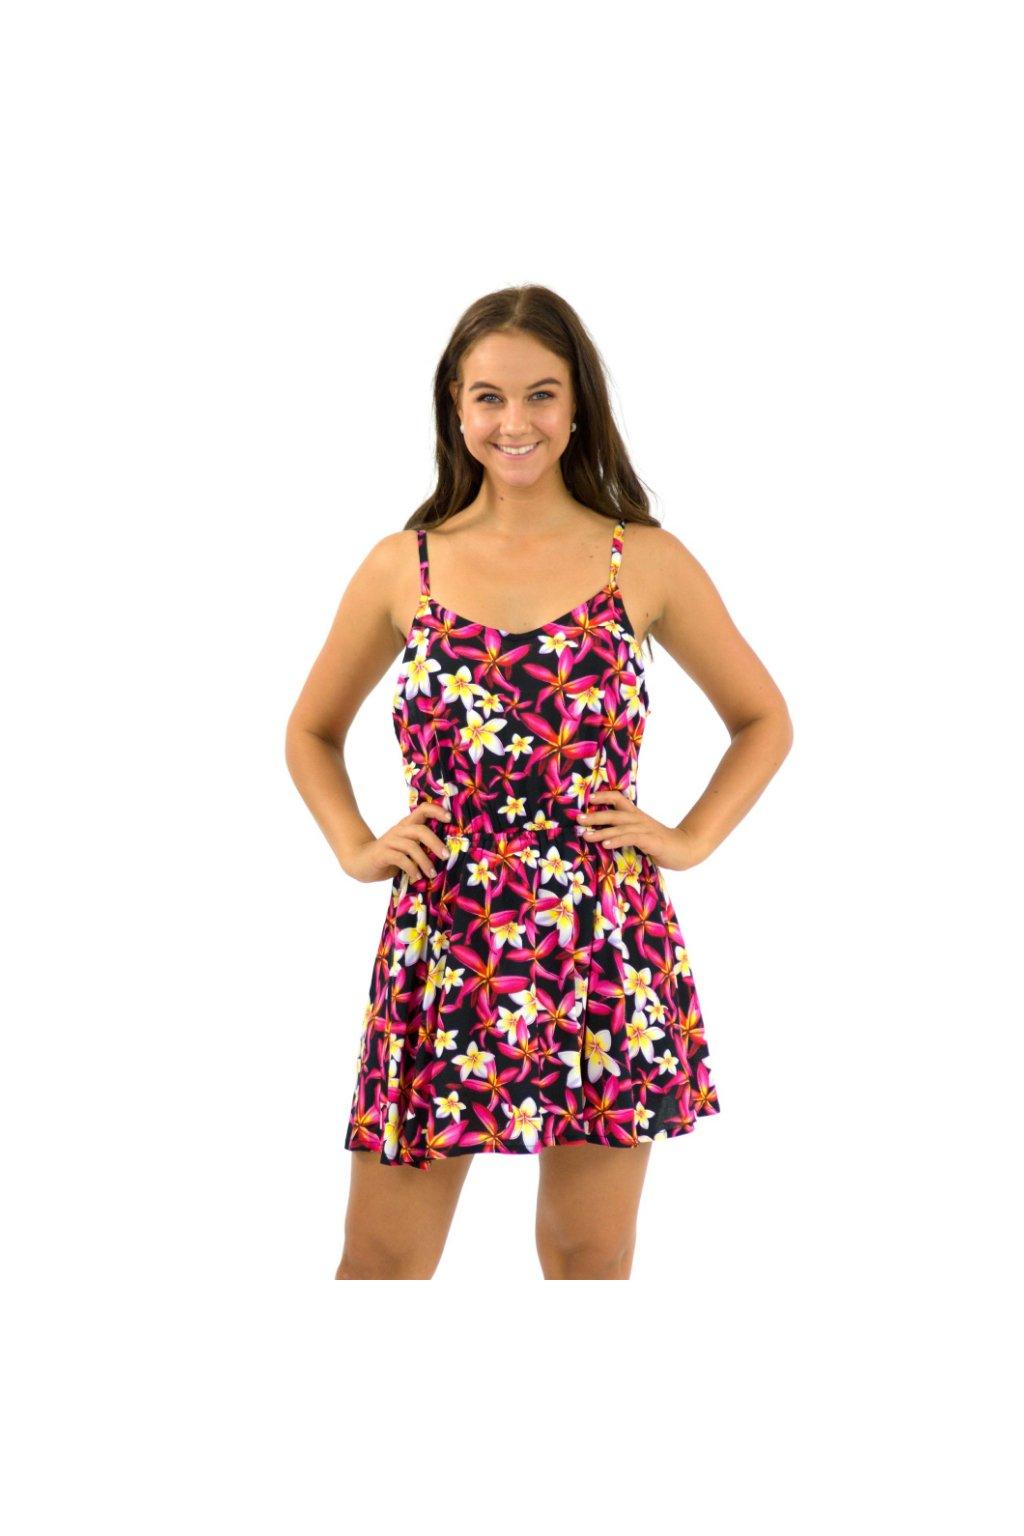 Letní šaty / tílko Plumerie - černé